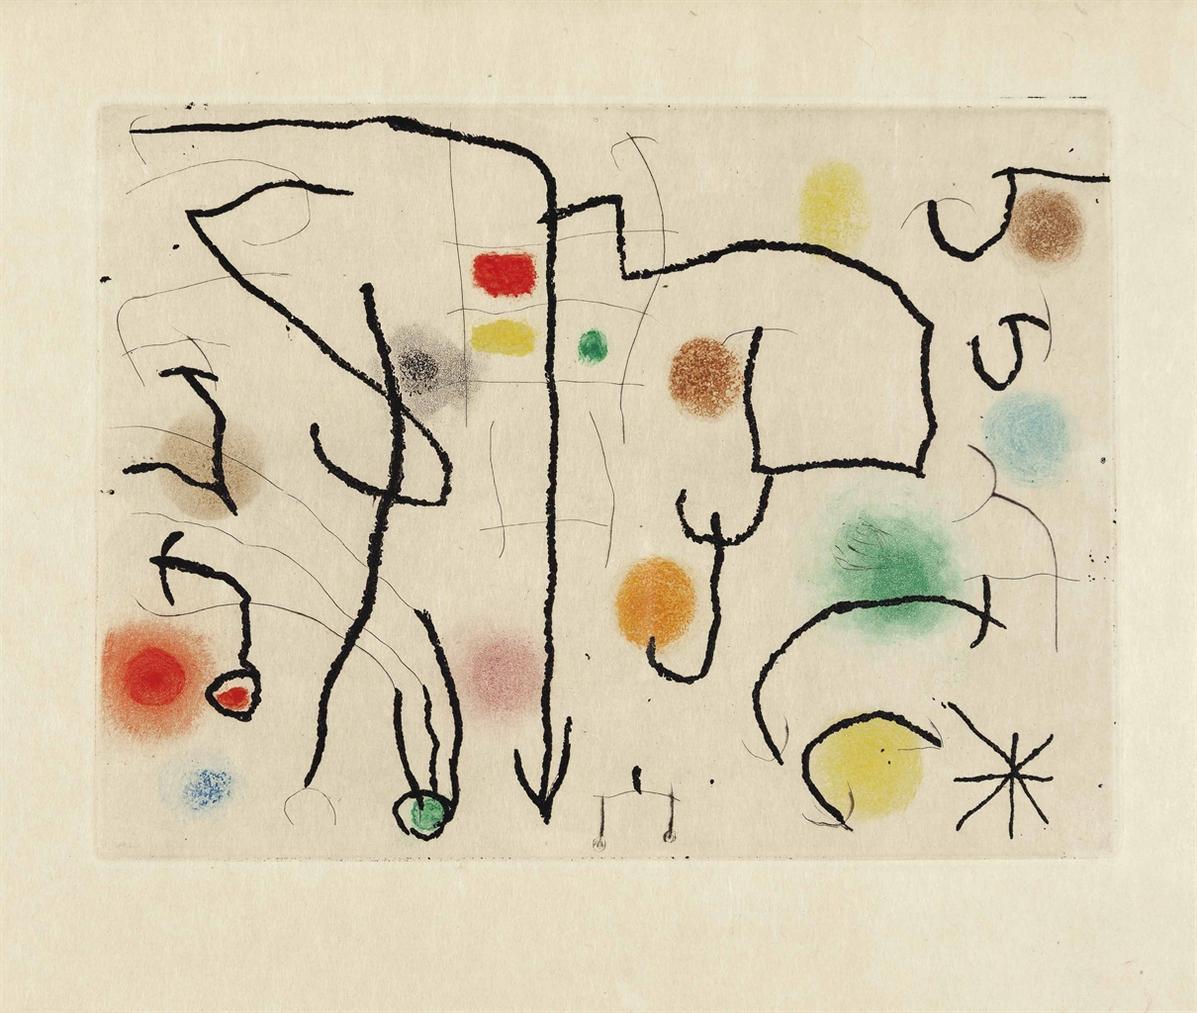 Various Artists - Pablo Picasso And IlIa Zdanevitch (Iliazd), Hommage A Roger Lacouriere, Le Degre Quarante Et Un, Paris-1968